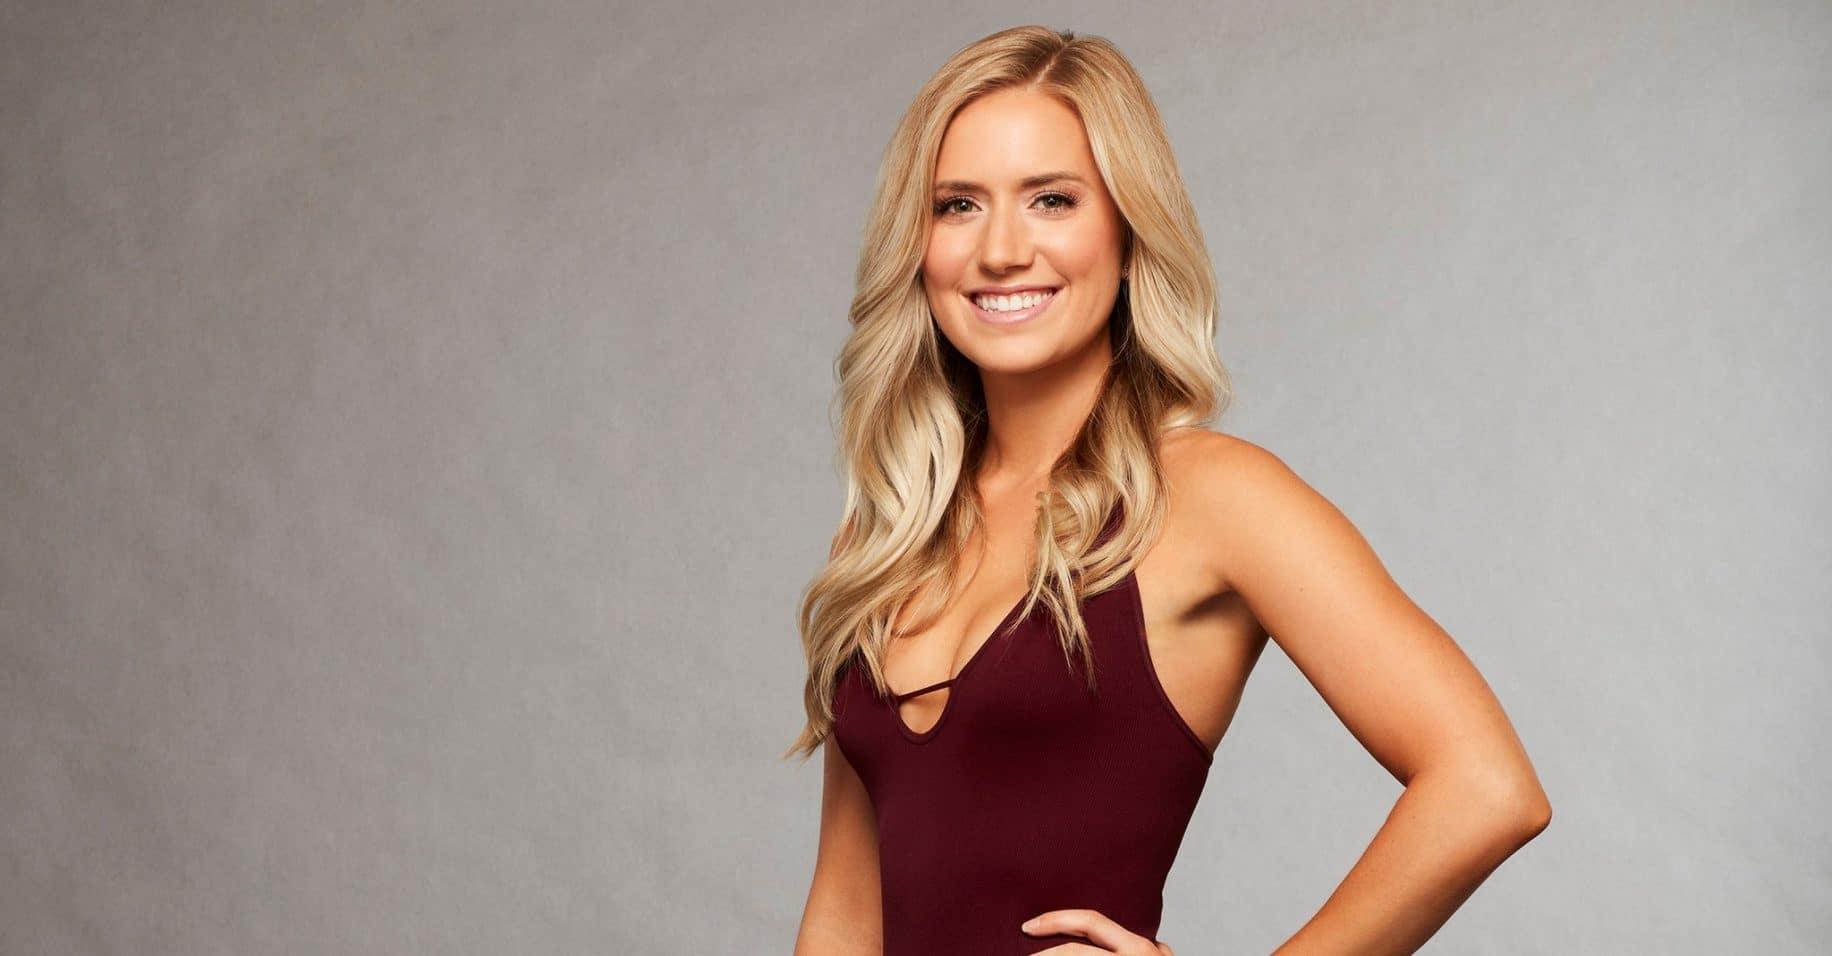 Lauren Burnham on The Bachelor